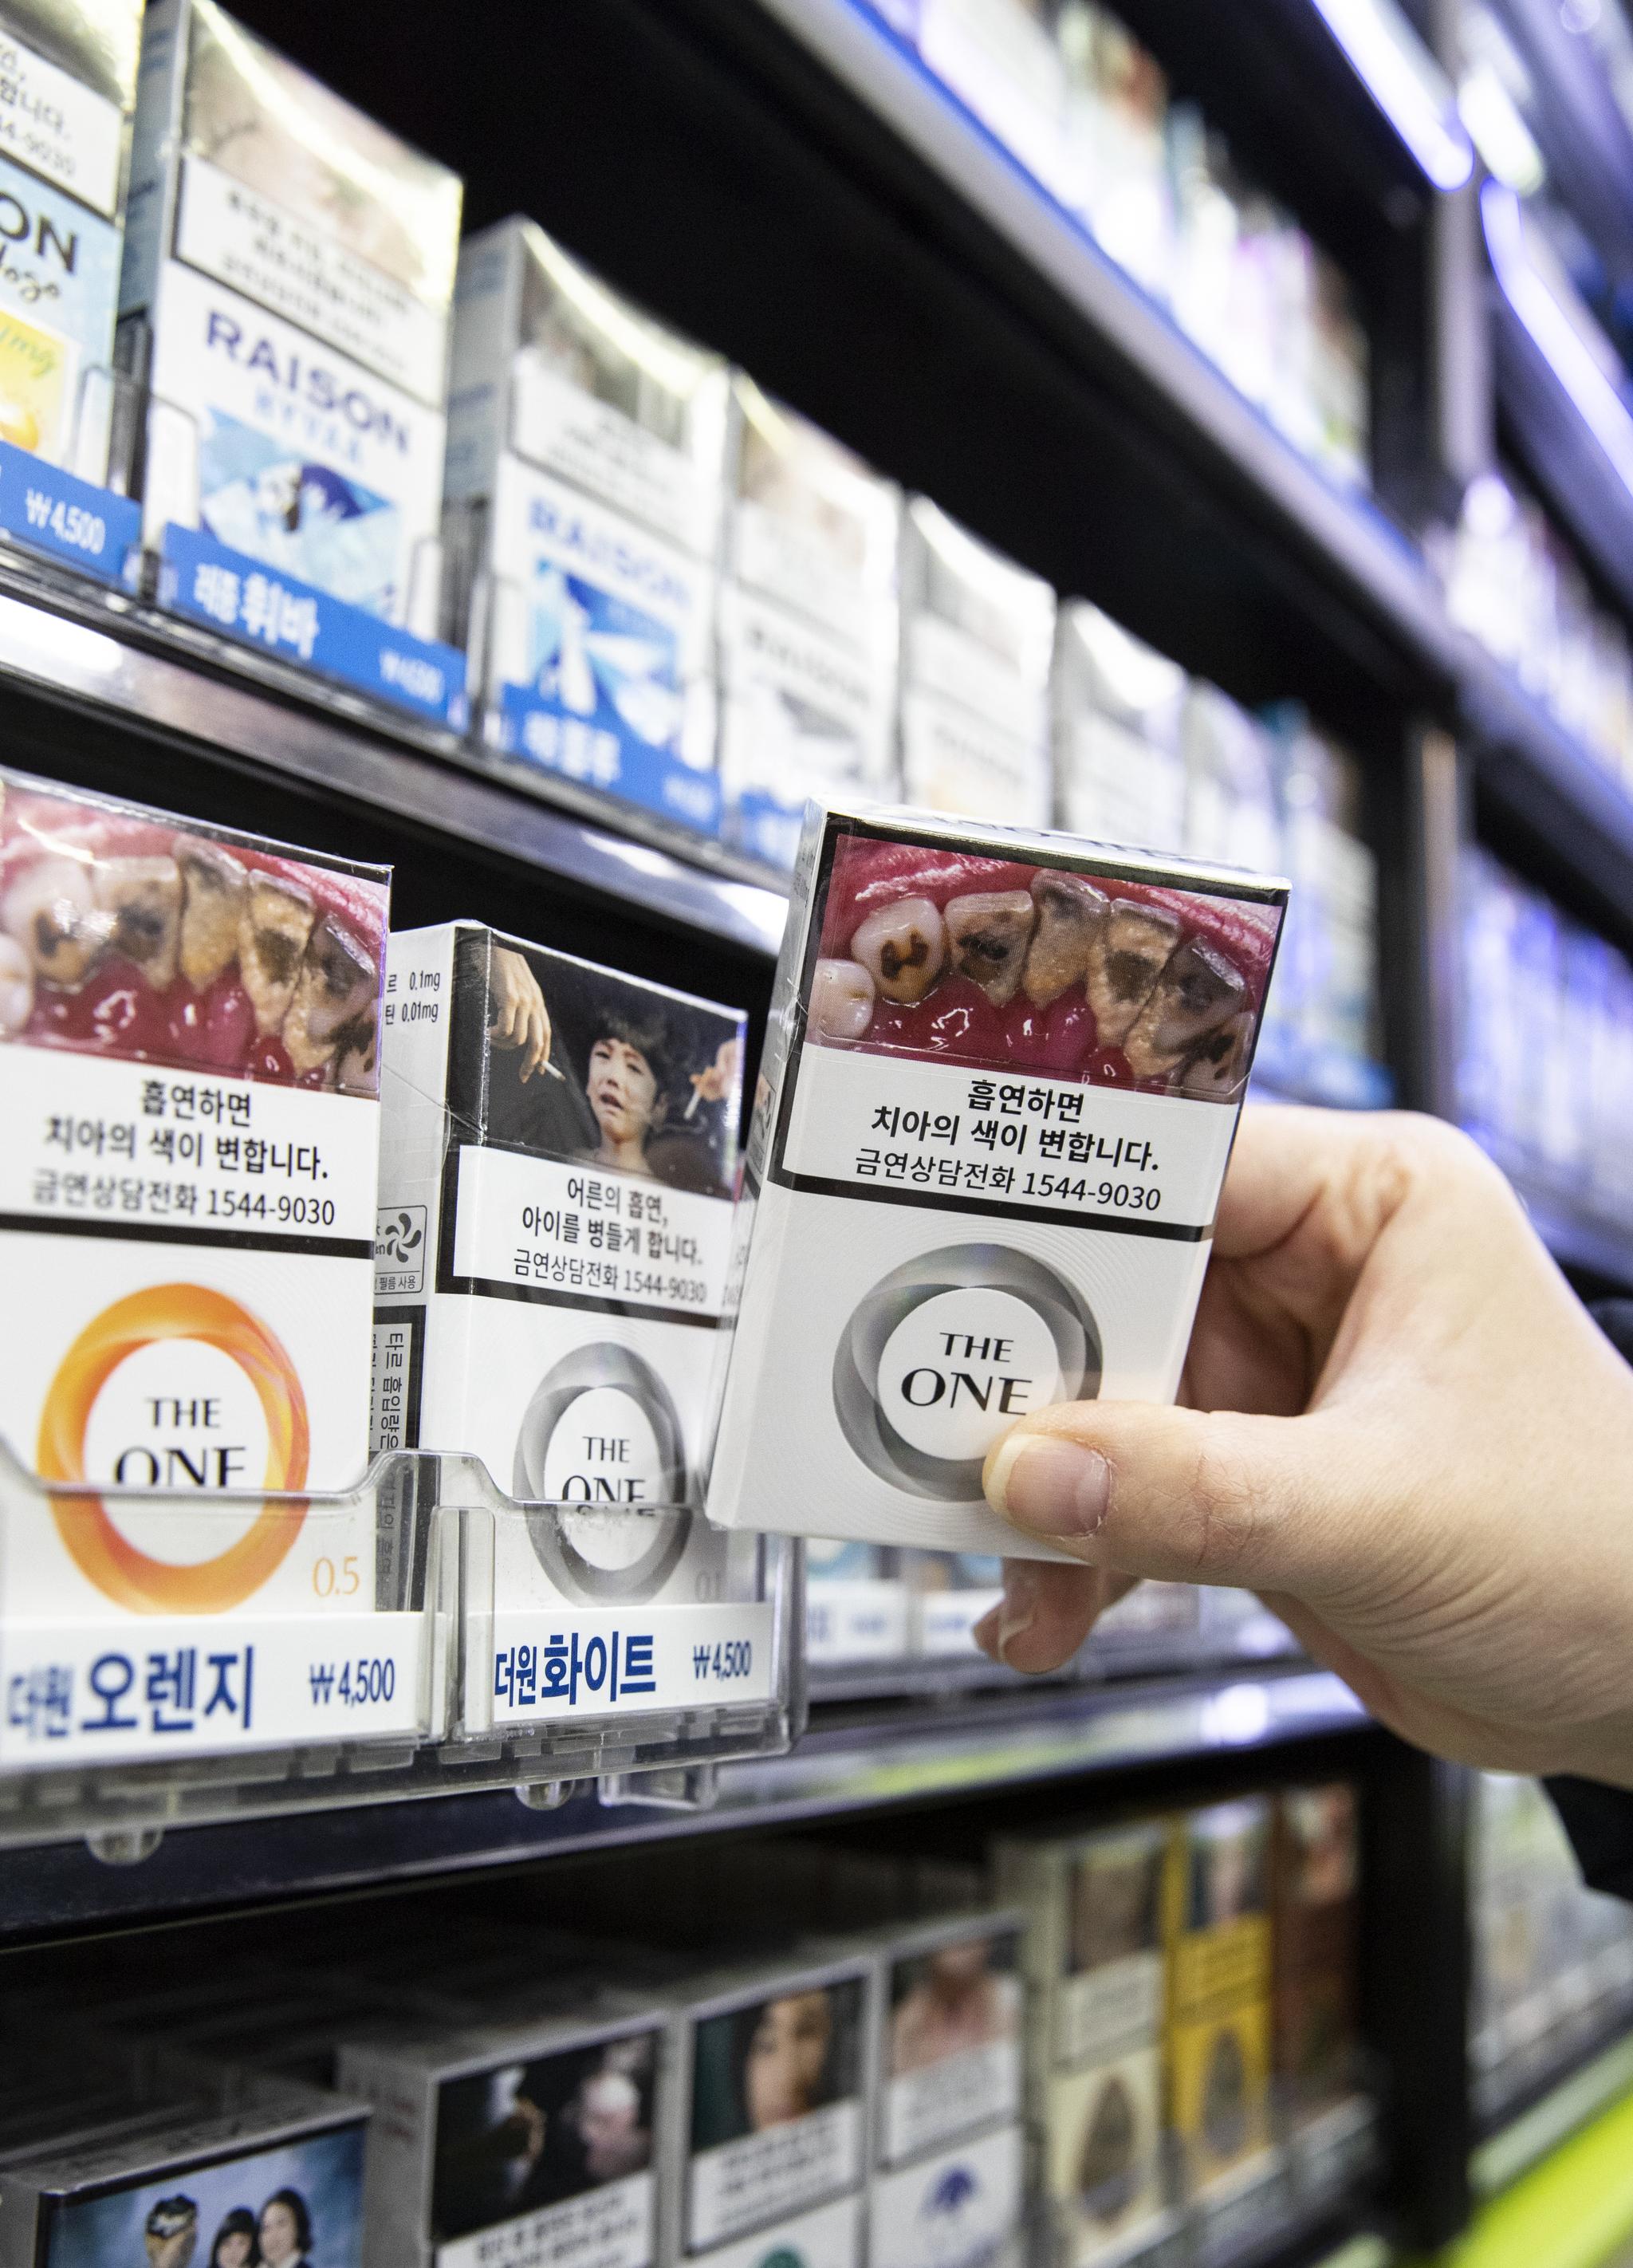 서울 한 편의점에 놓인 궐련 담배 제품들에 부착된 경고그림이 선명하다. [연합뉴스]